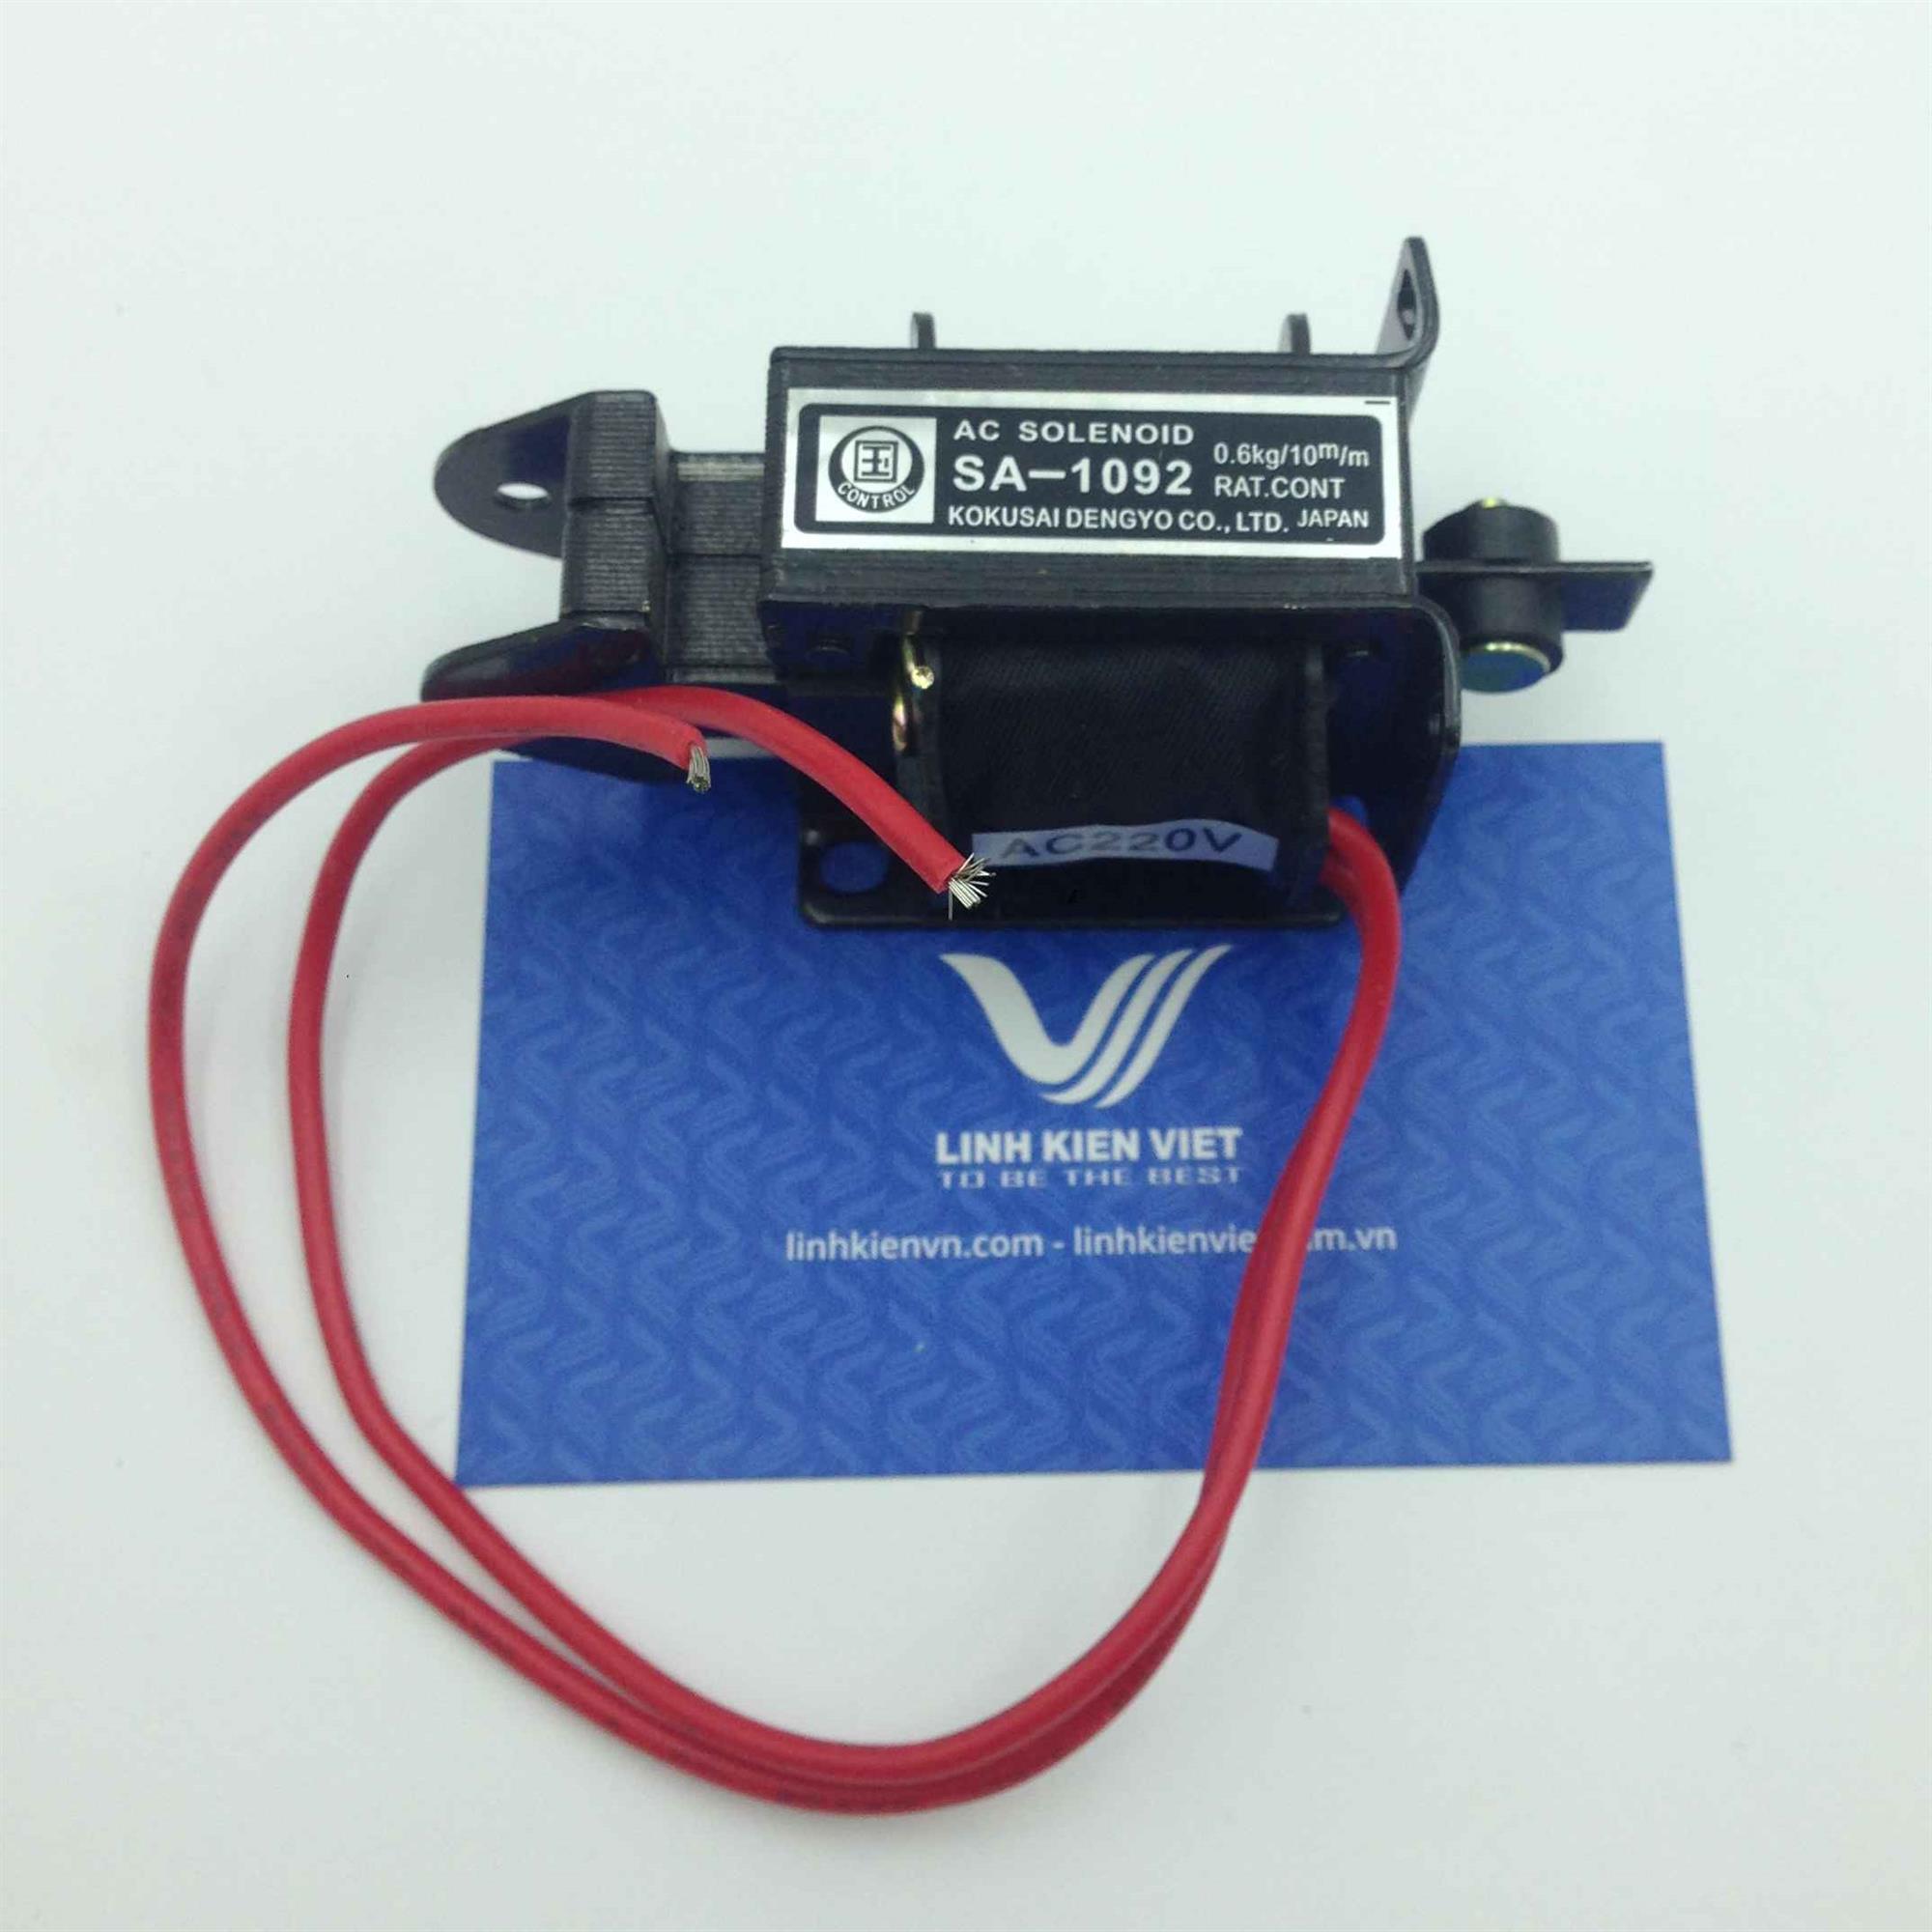 Cuộn hút 220V SA-1092 kéo 0.6kg hành trình 10mm - K3H1